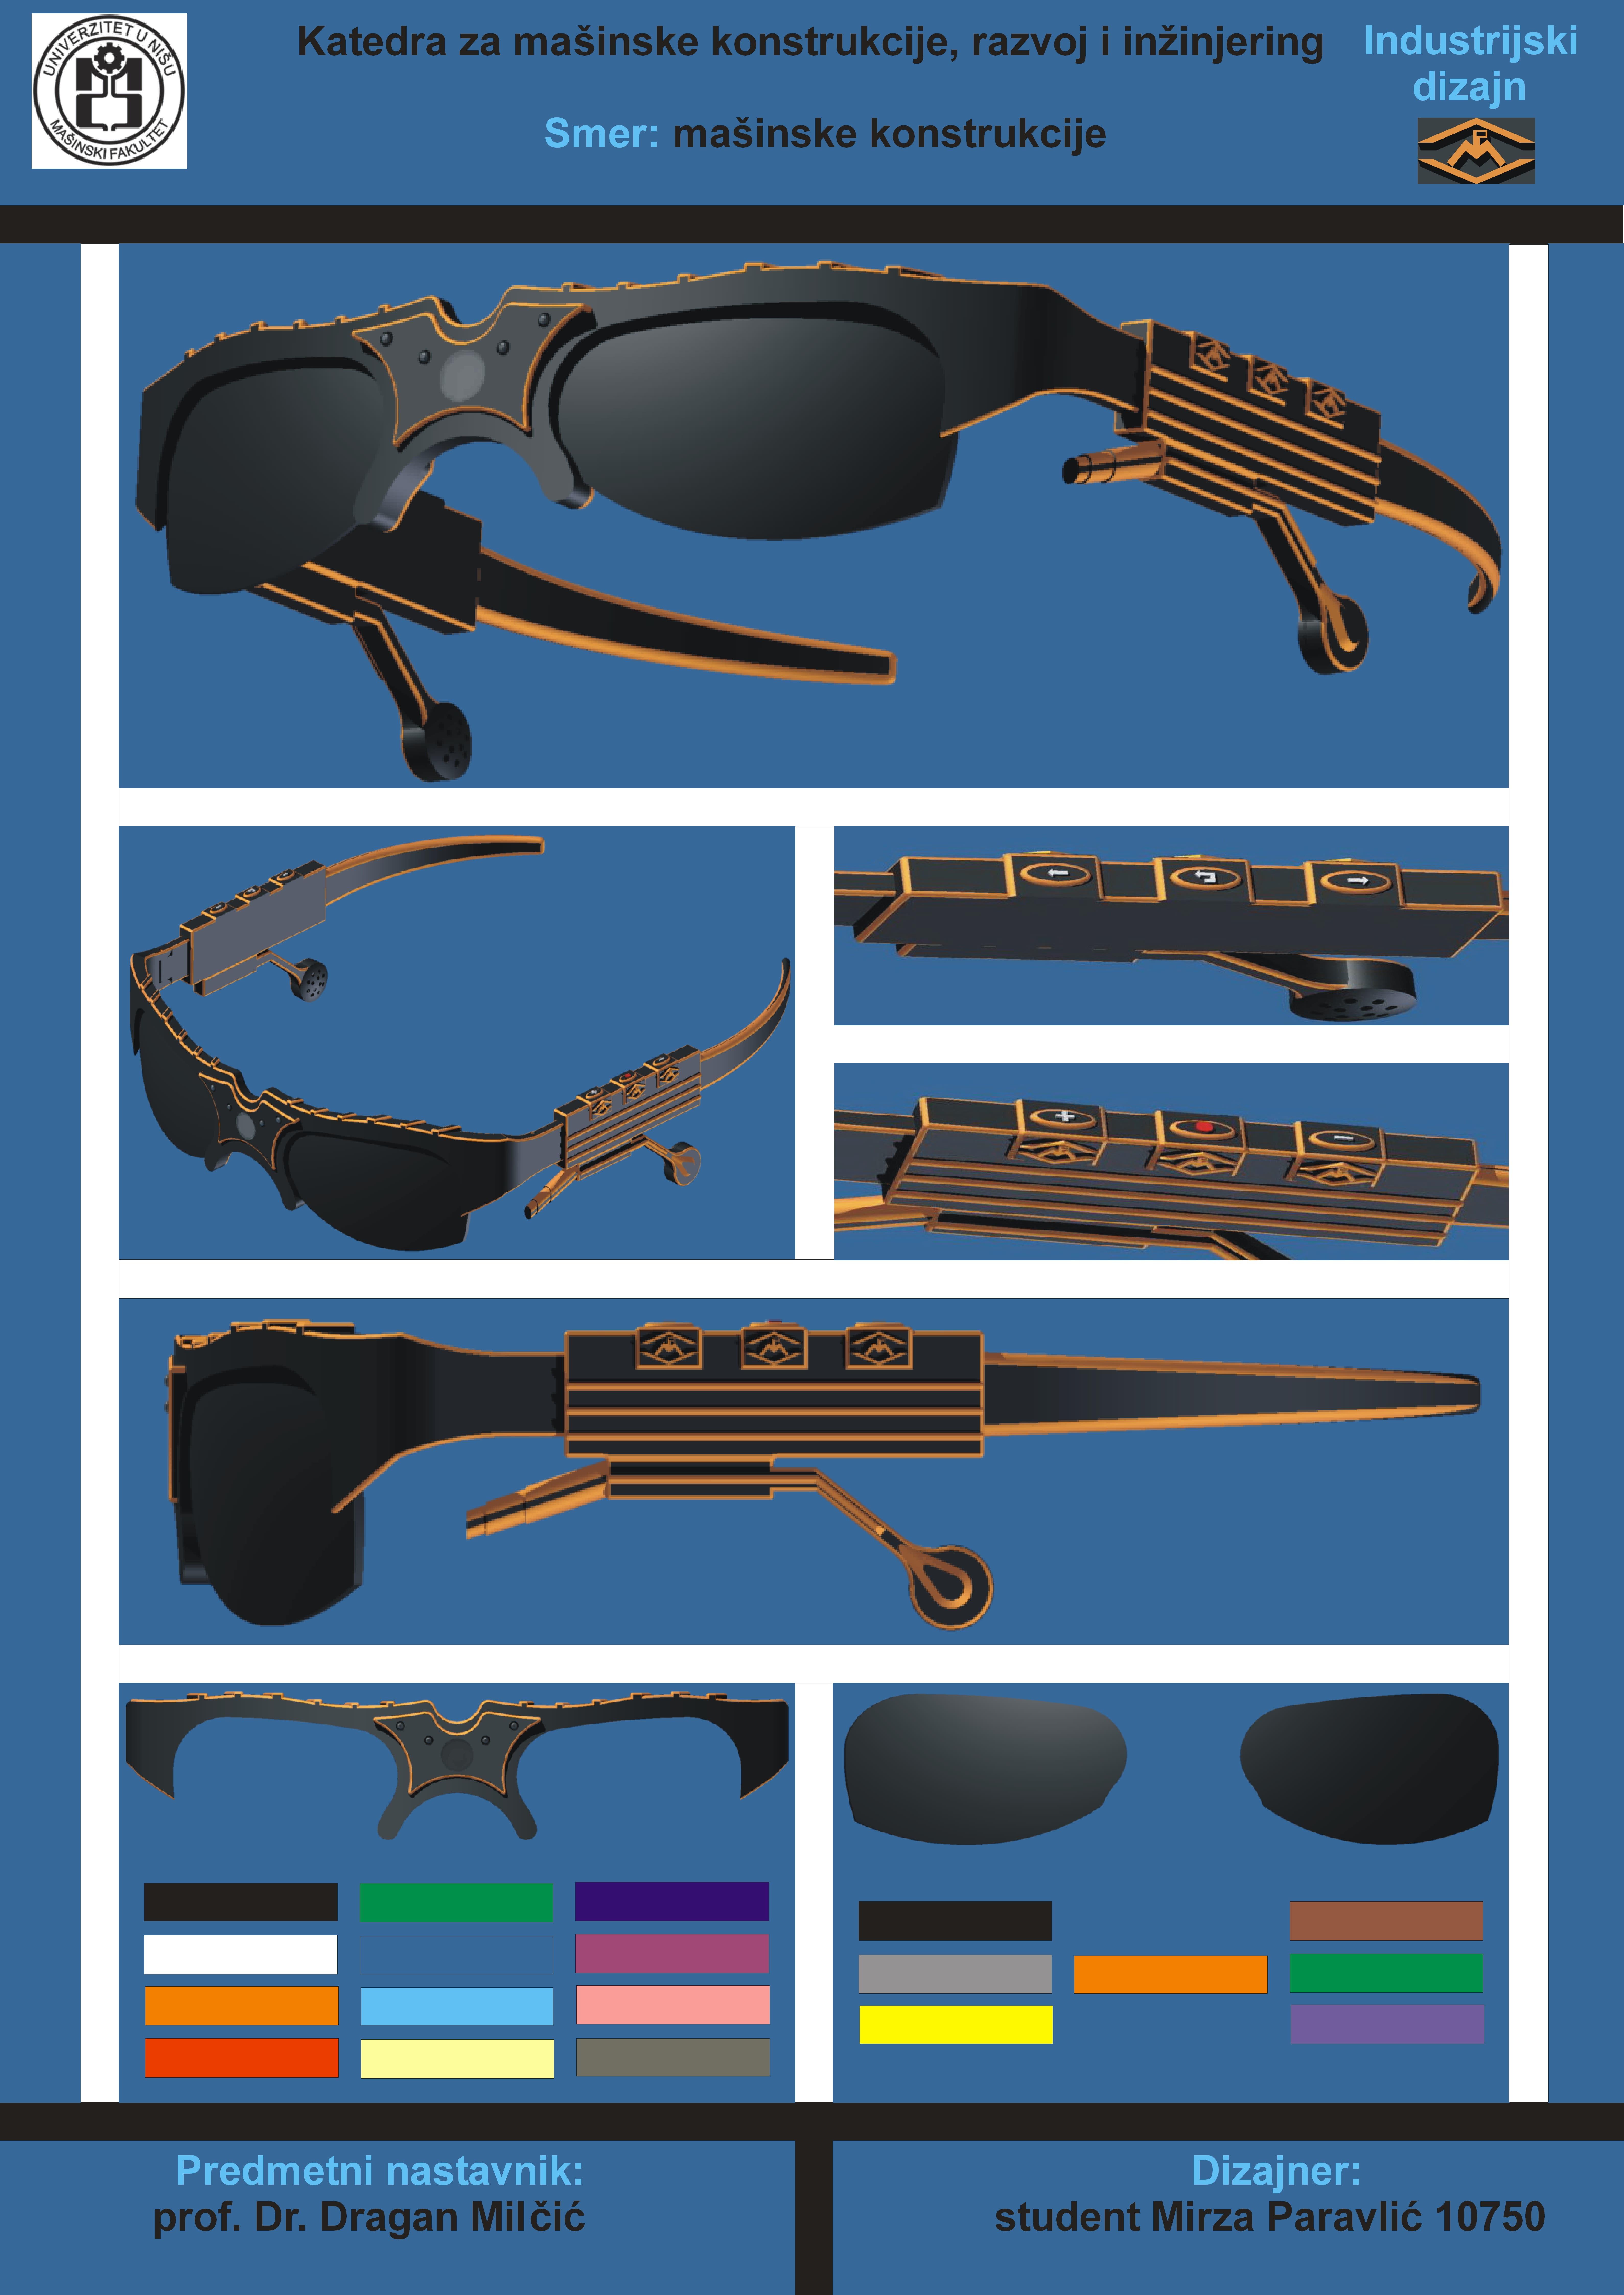 Design of sunglasses